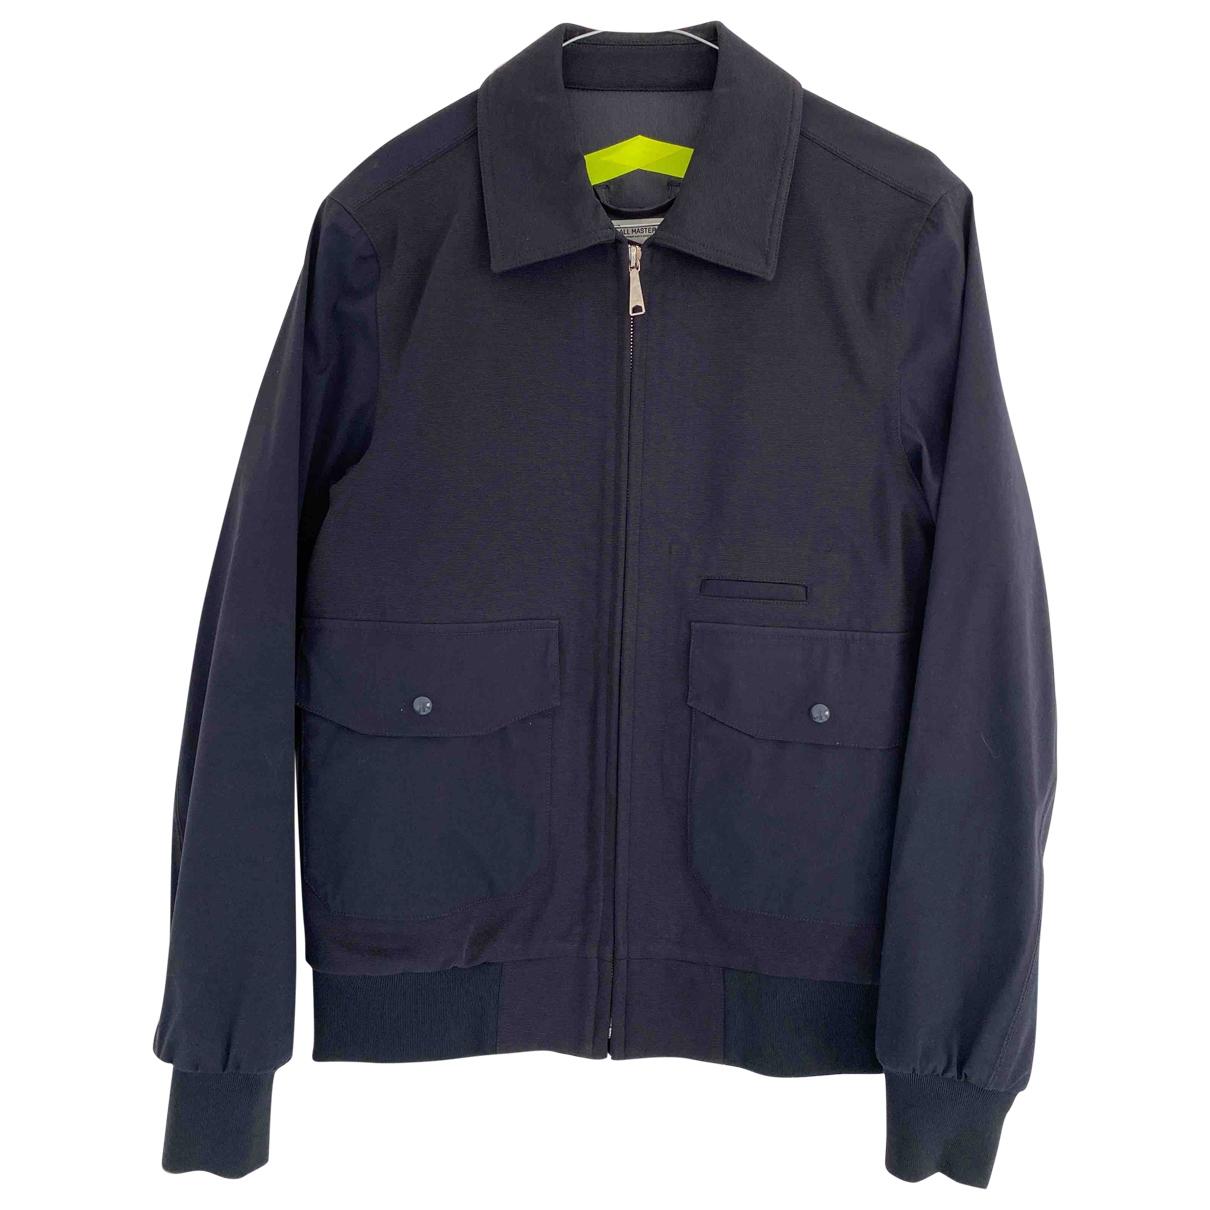 Oamc \N Navy jacket  for Men S International